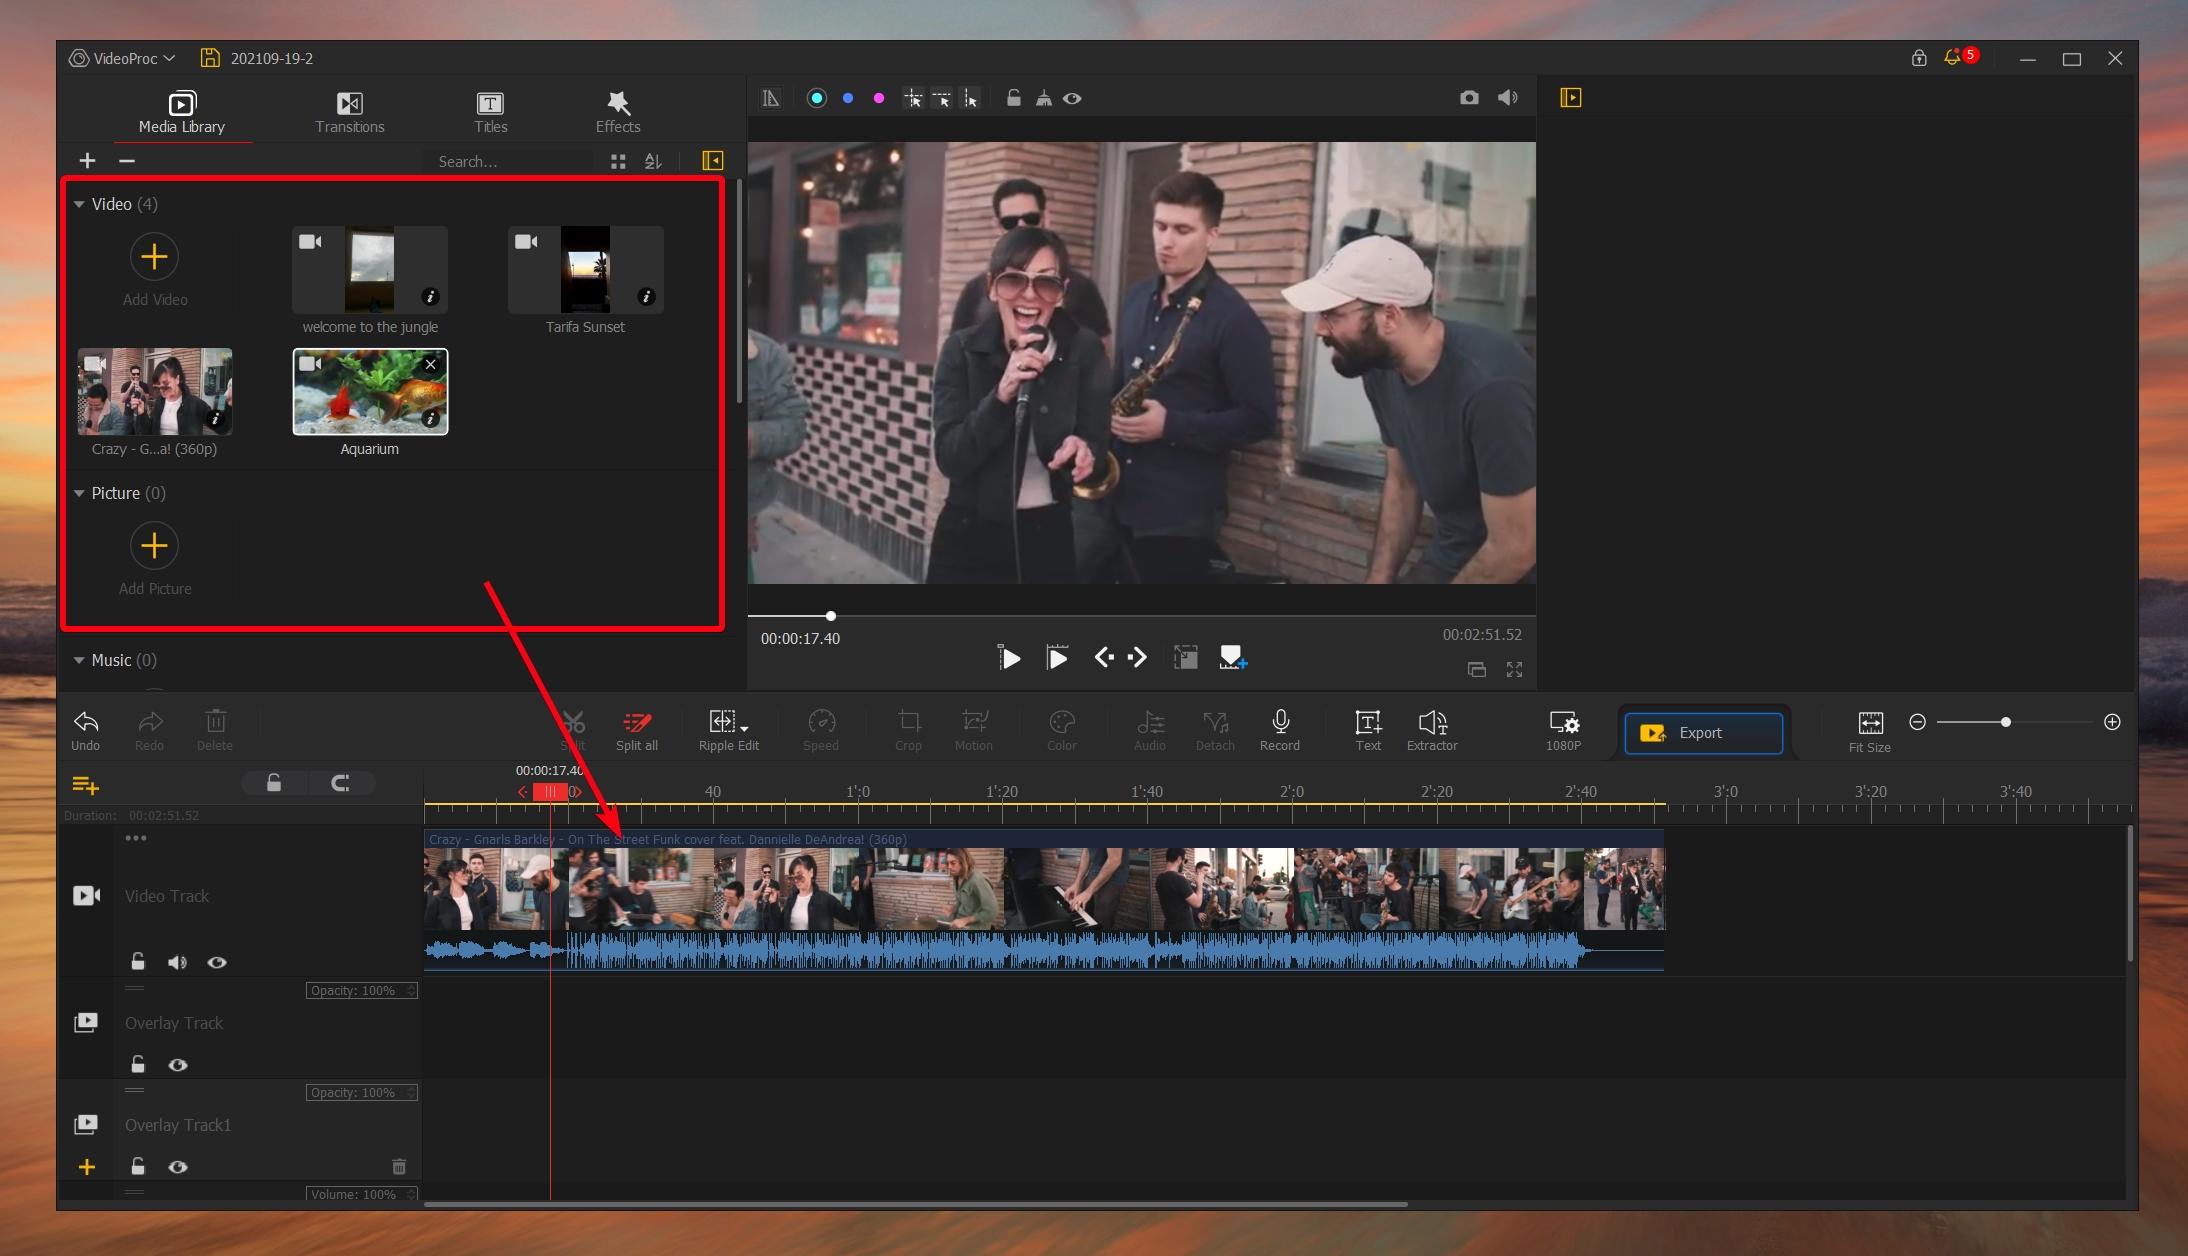 VideoProc Vlogger - File Management - Video Track